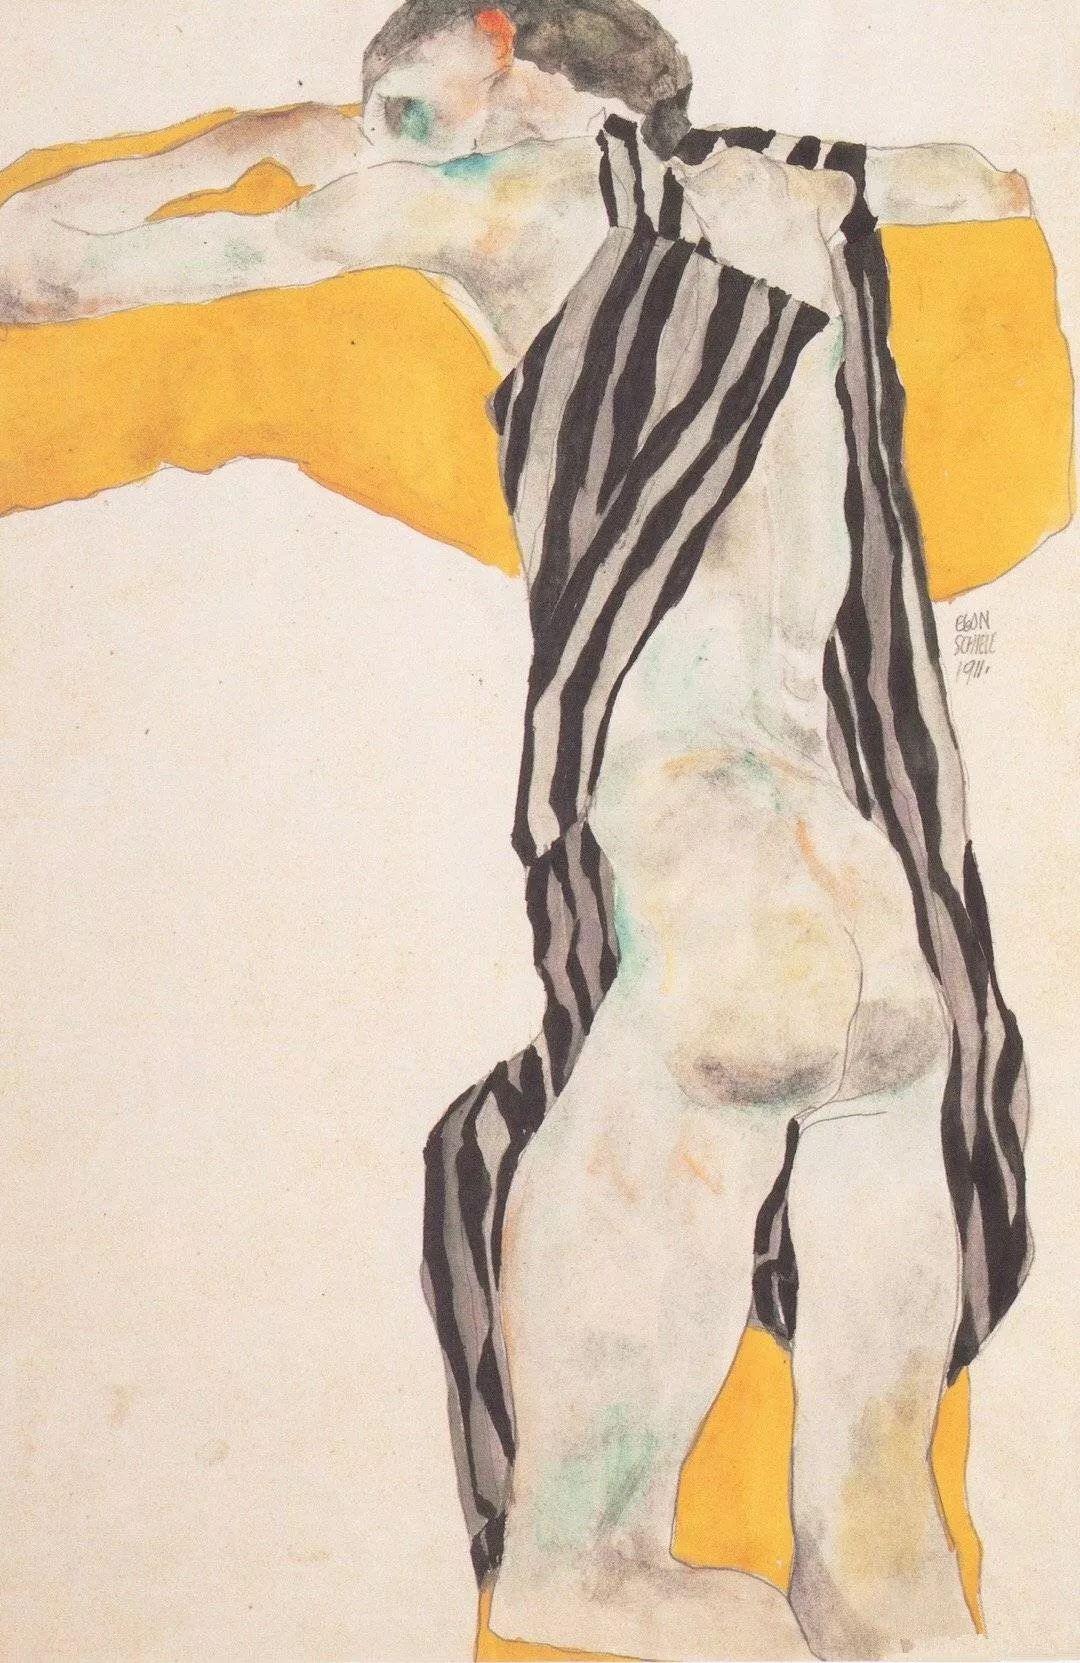 年仅28岁,生前遭受非议,死后却被捧为直逼心灵的艺术家插图155